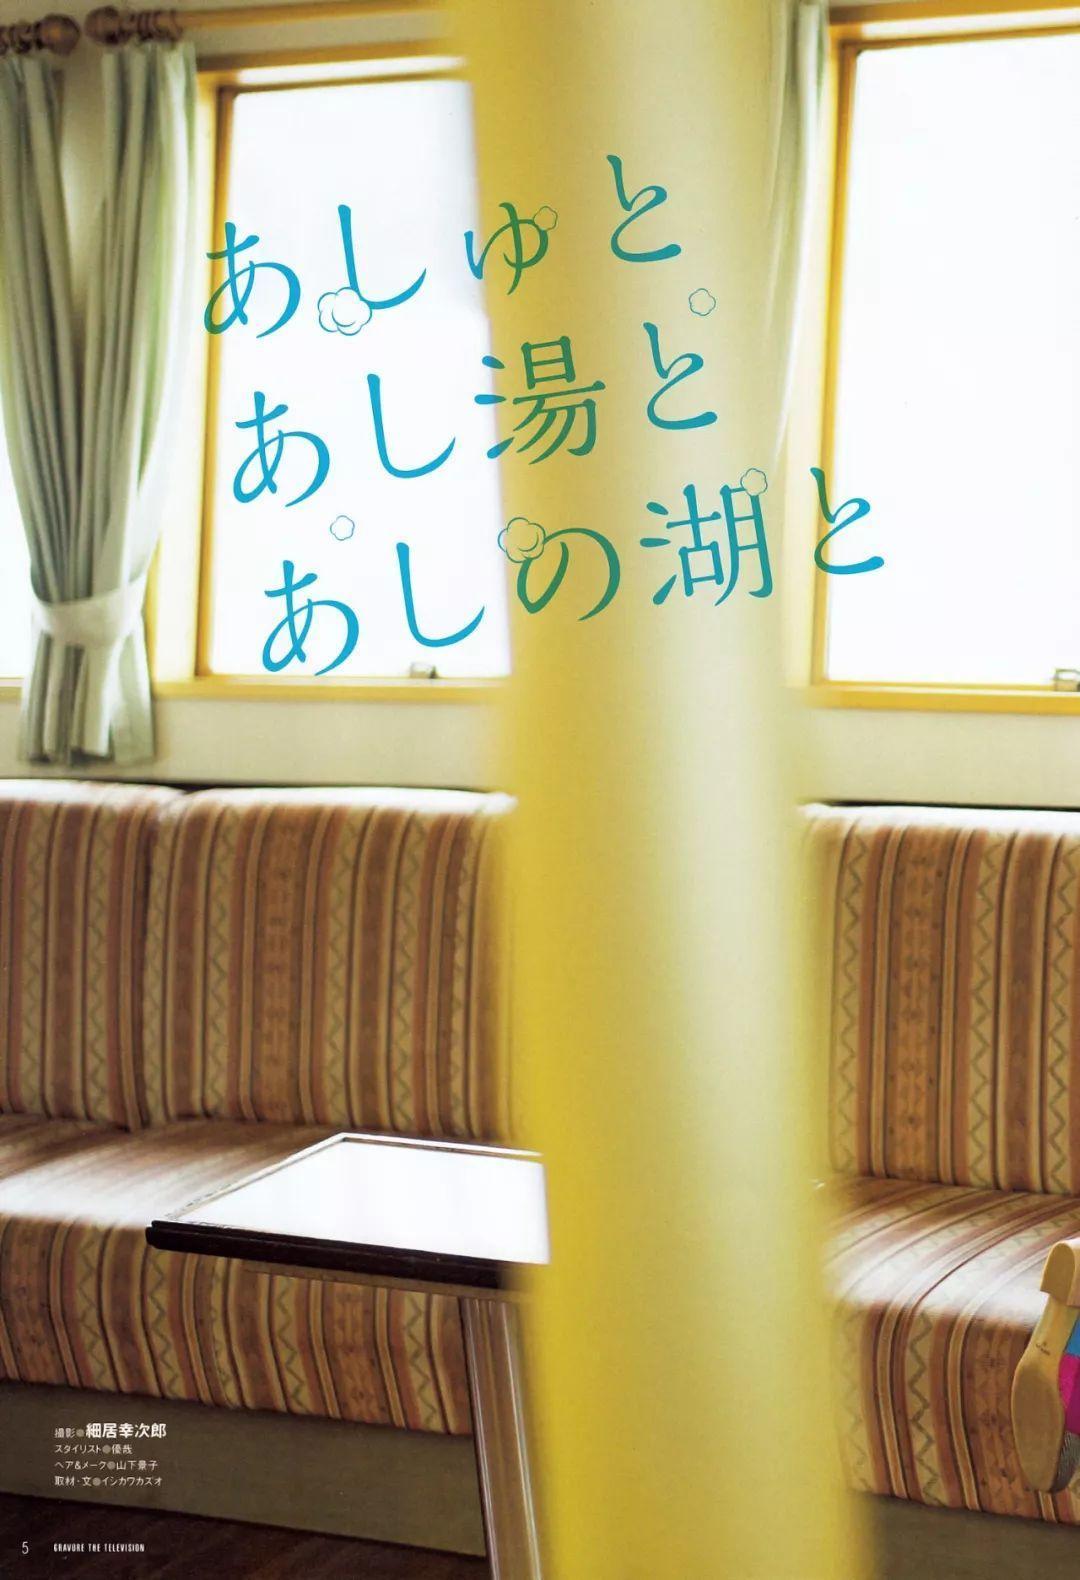 斋藤飞鸟ファ-スト写真集 潮骚全套下载[129P/1.2G]